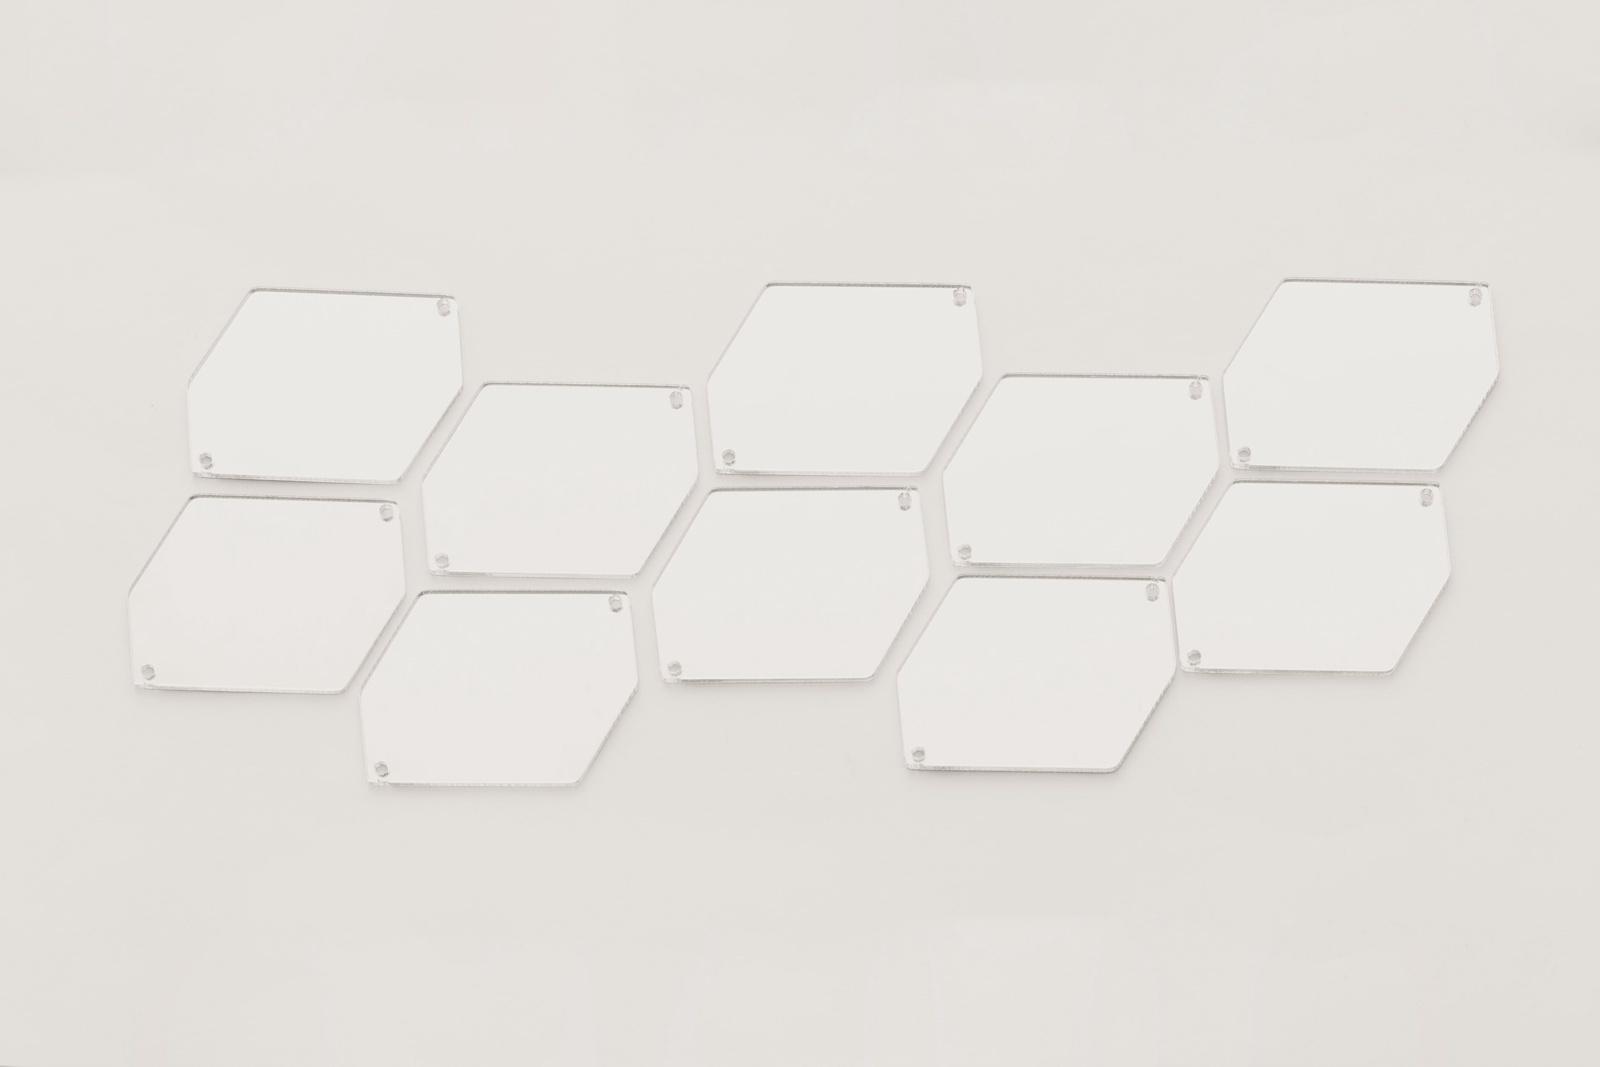 CASP Lase ШЕСТ3525 Комплект акриловых пришивных зеркал/страз Шестиугольник 35х25